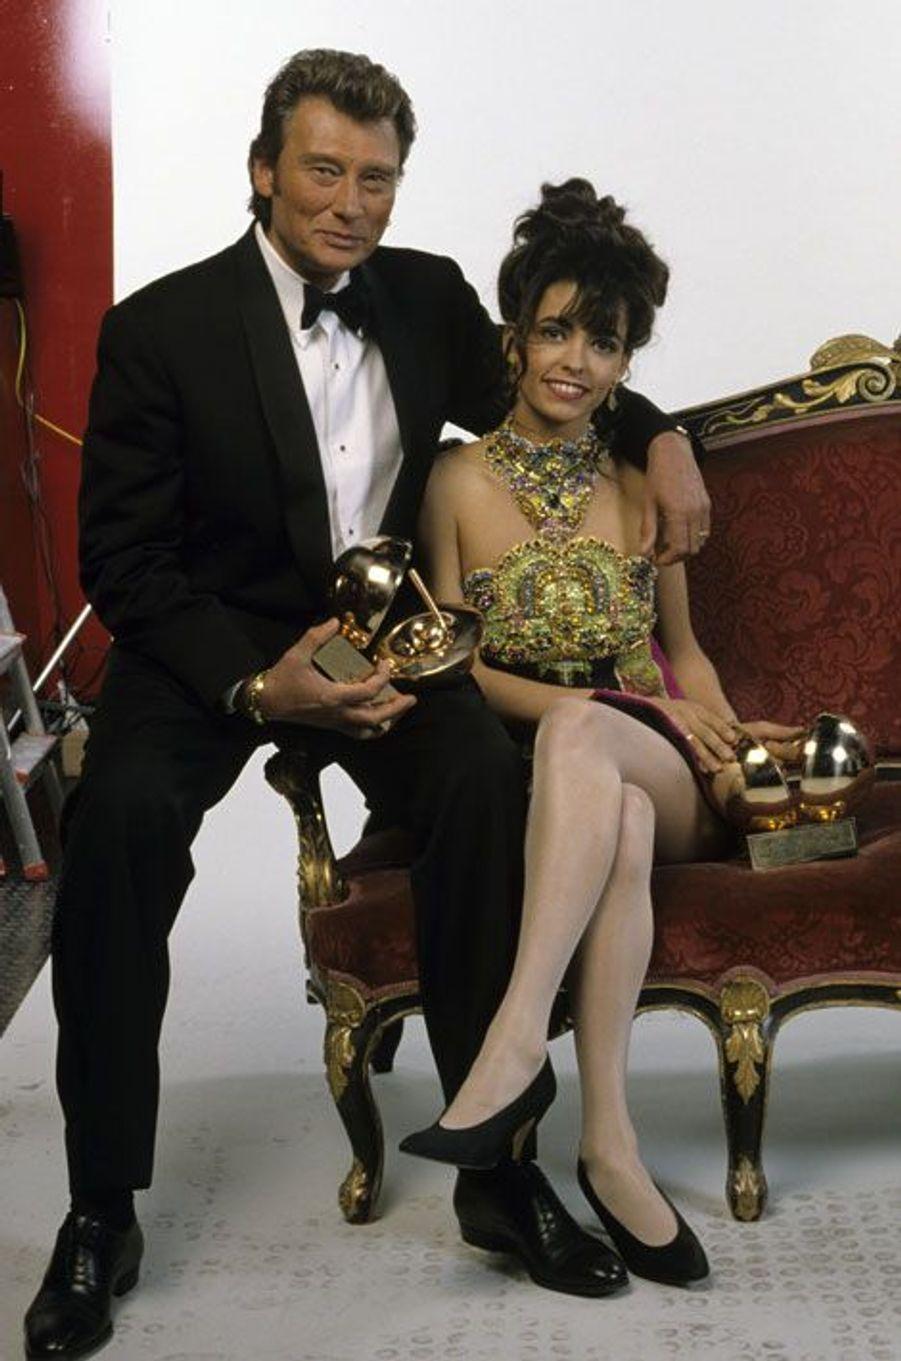 Johnny Hallyday et Adeline Blondiau